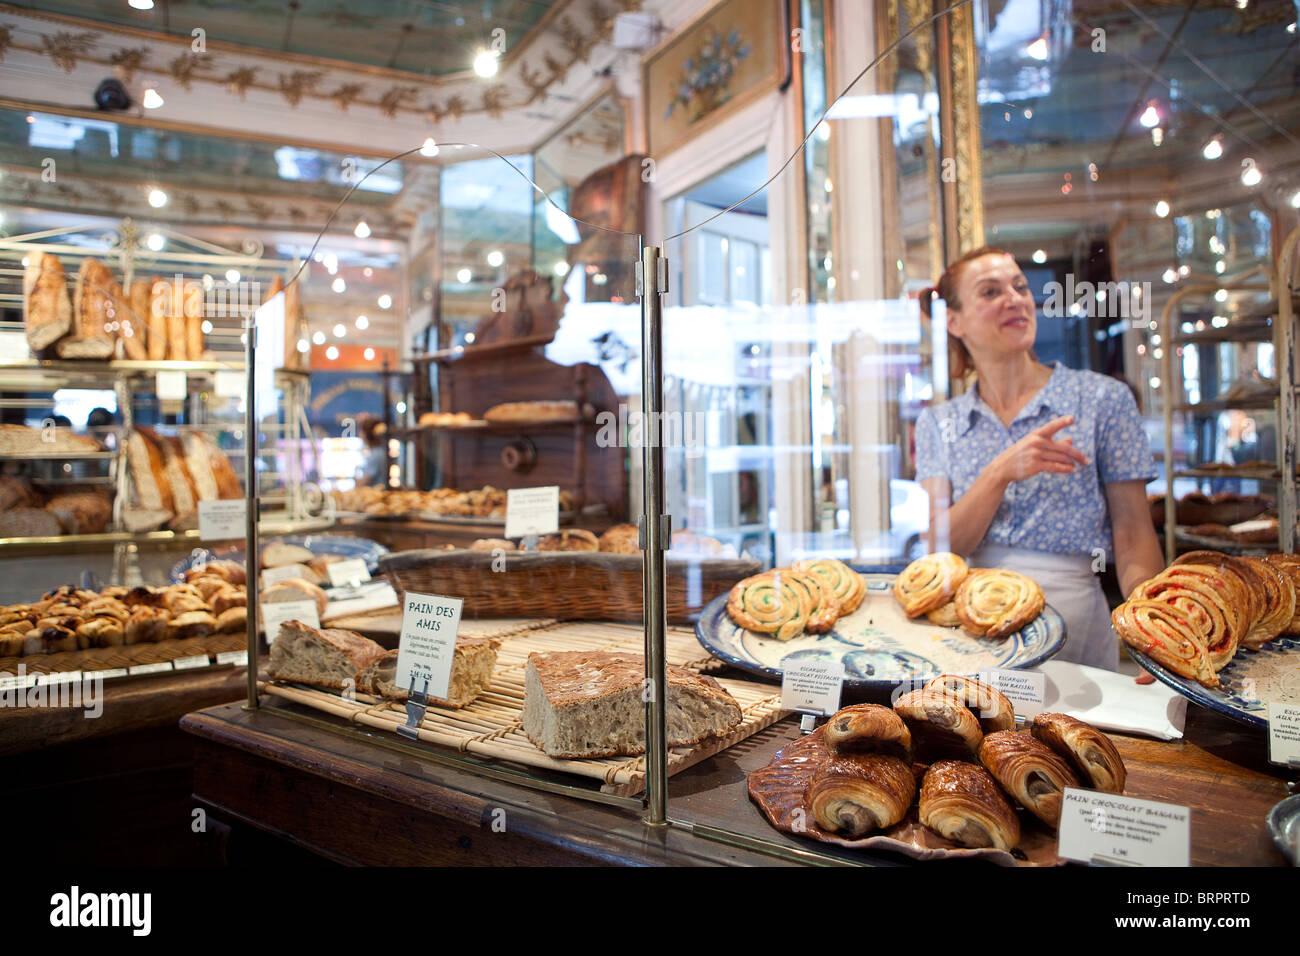 Boulangerie du Pain et des idees, Paris - Stock Image